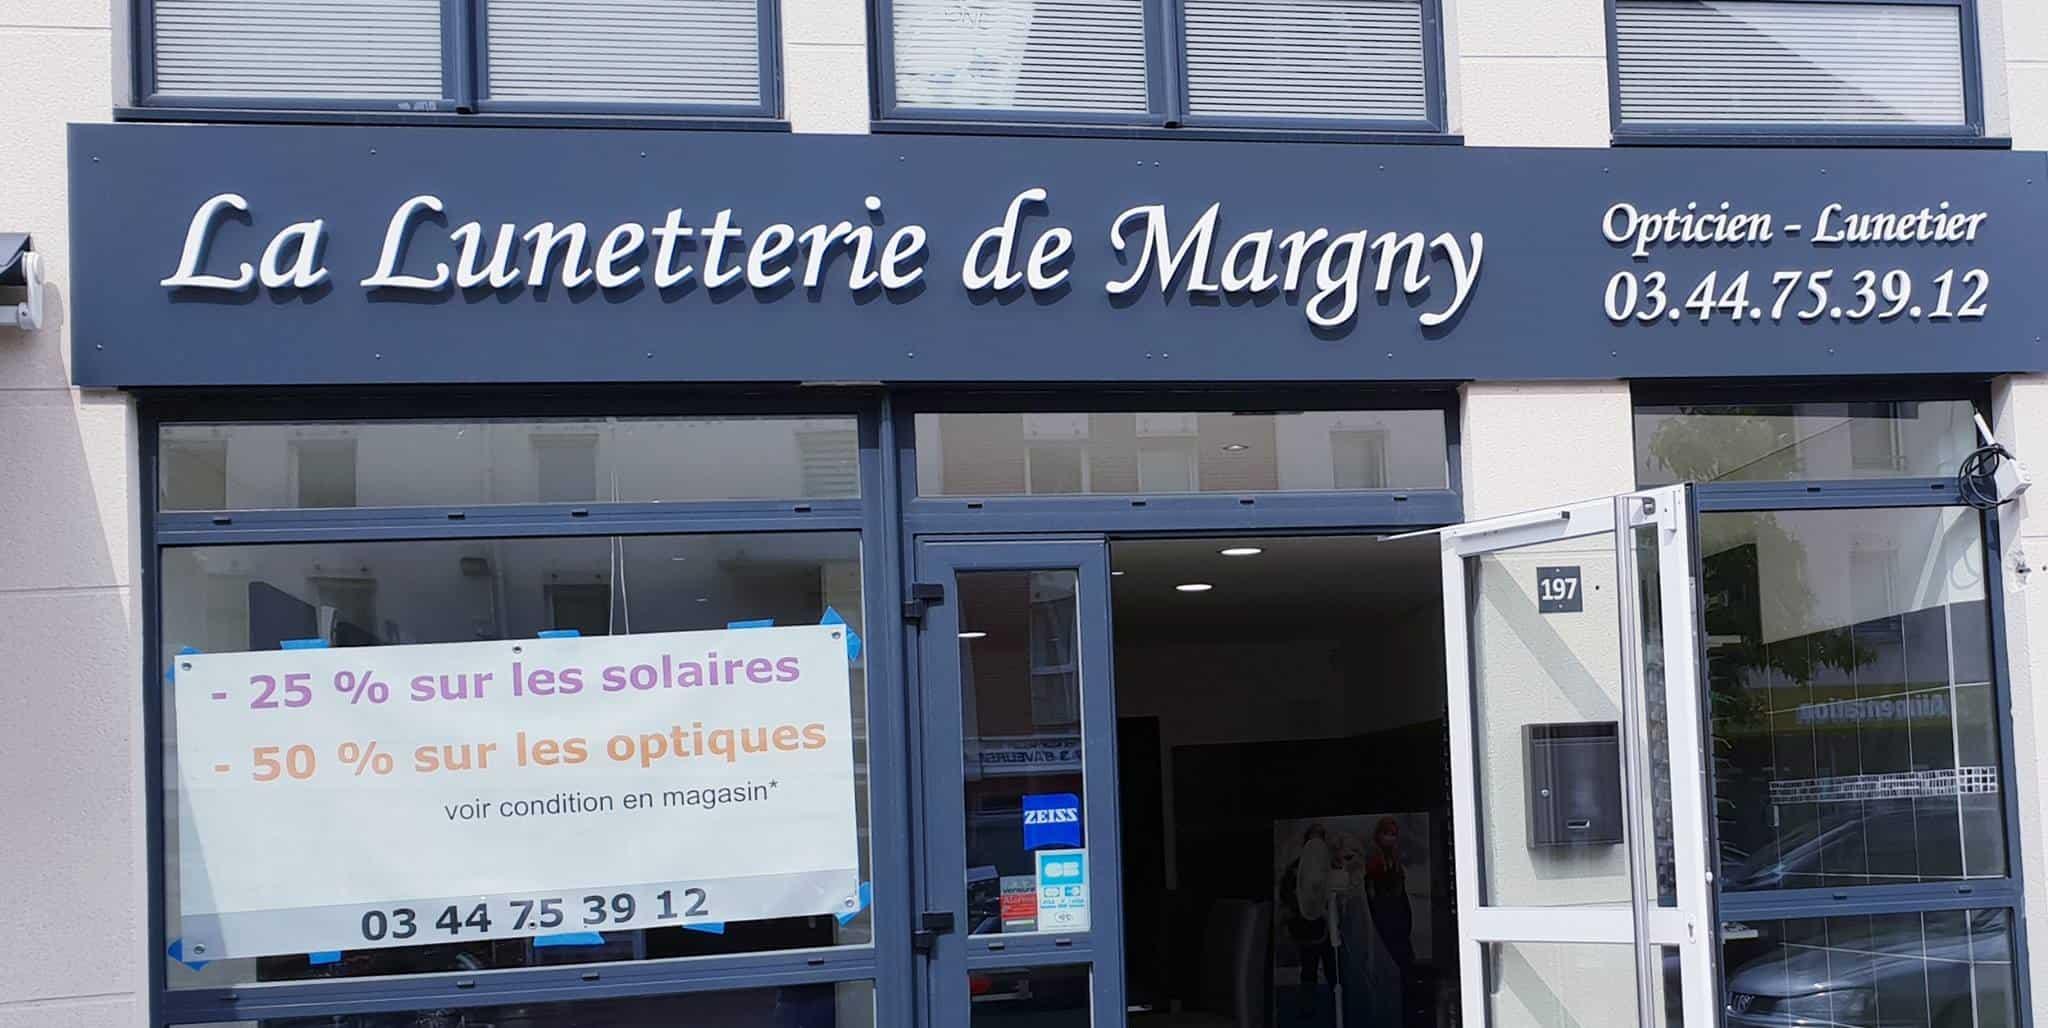 La lunetterie de Marigny, le nouveau rendez-vous Gunnar !